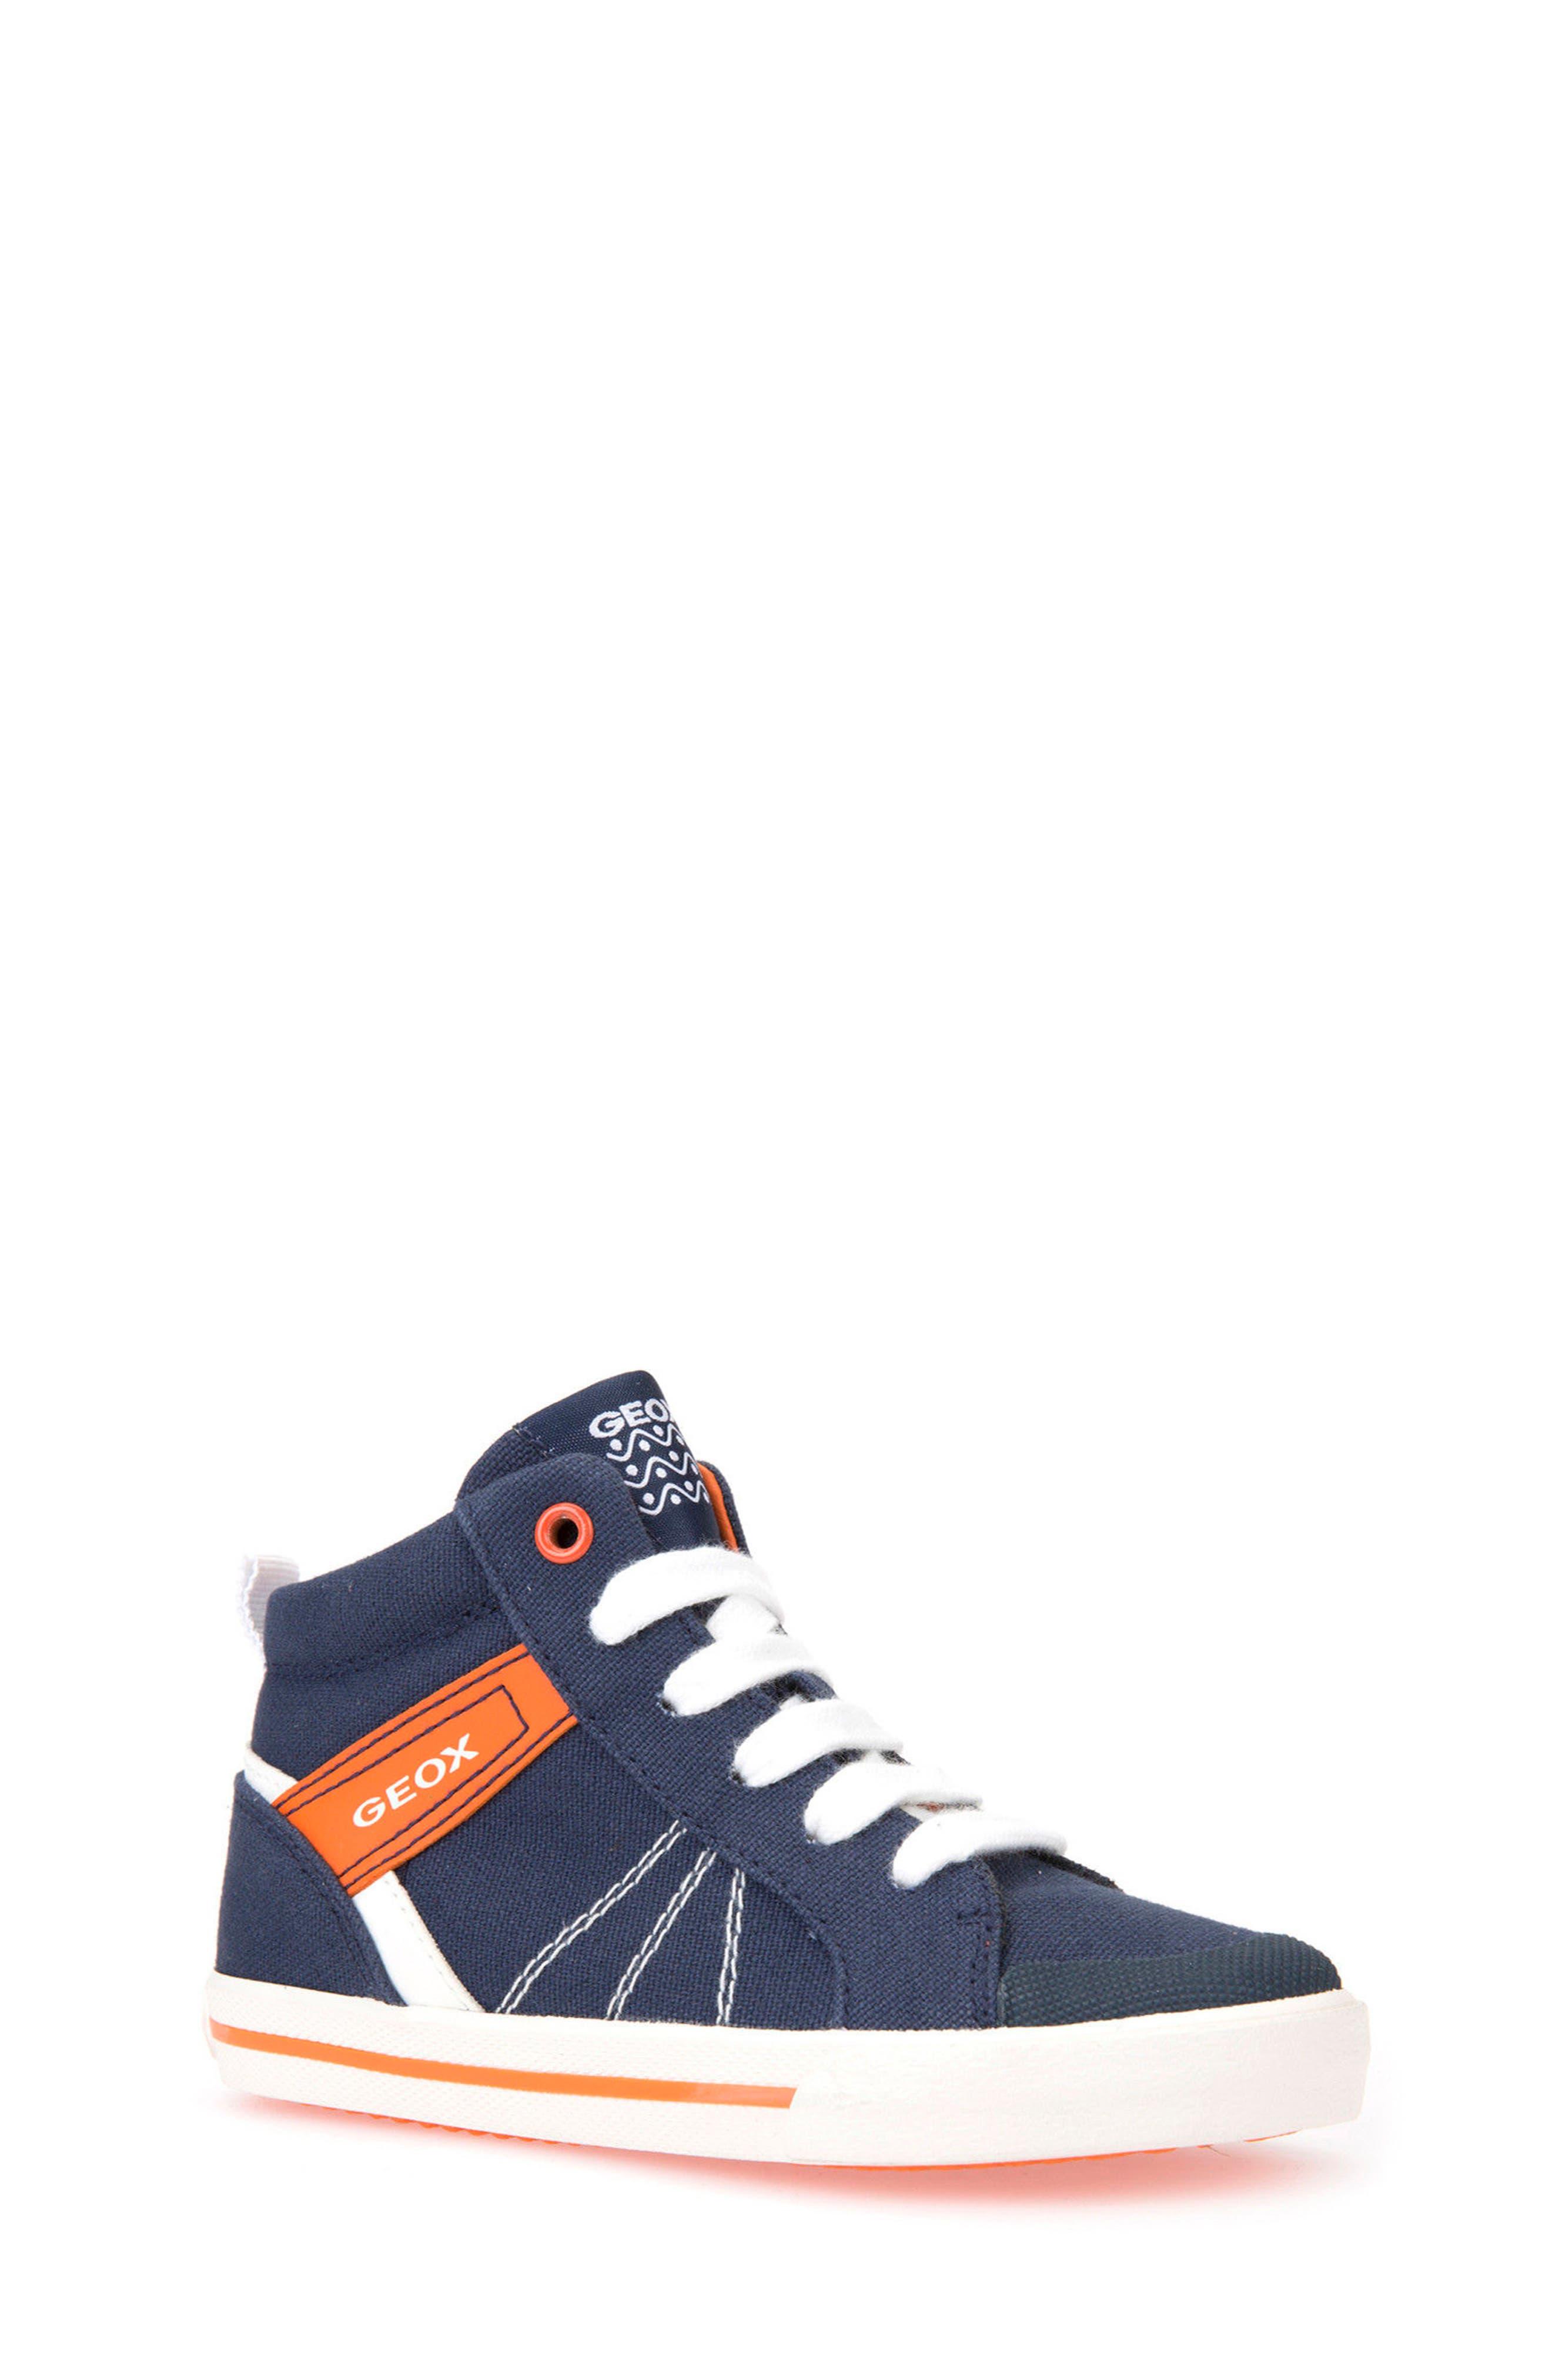 Kilwi Zip High Top Sneaker,                         Main,                         color, 402